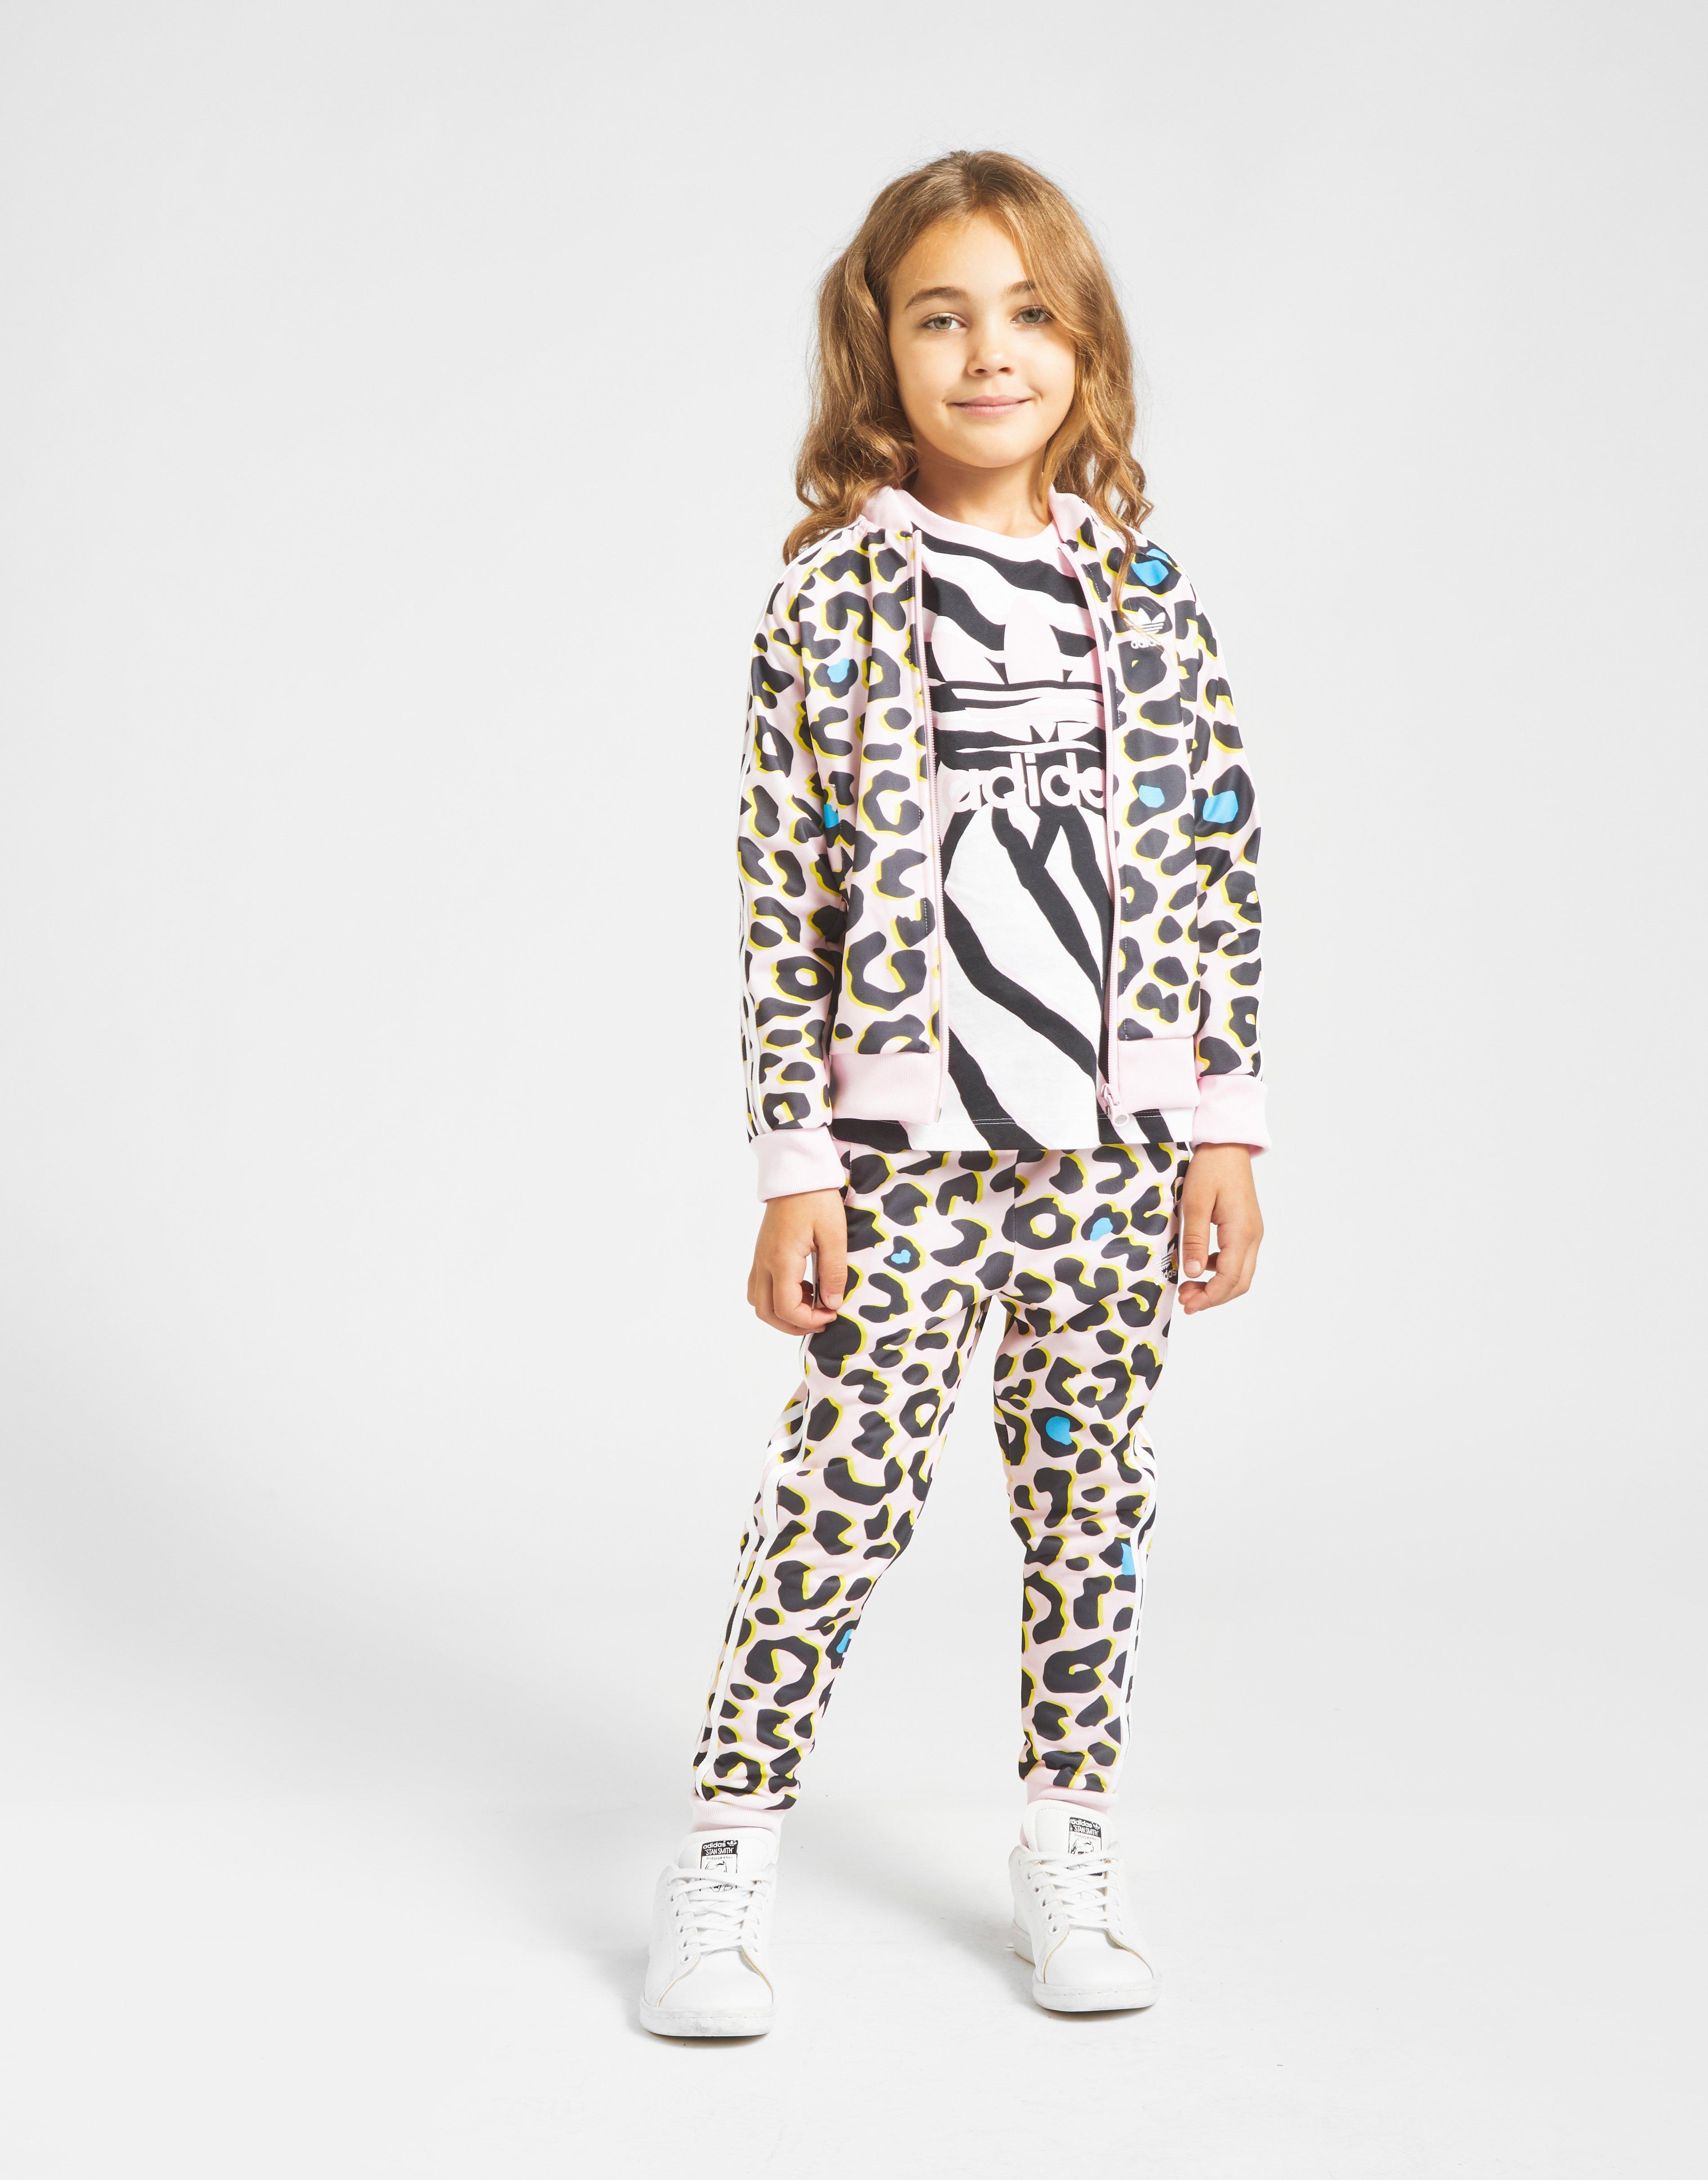 adidas Originals Girls' LZ All Over Print Tuta | JD Sports